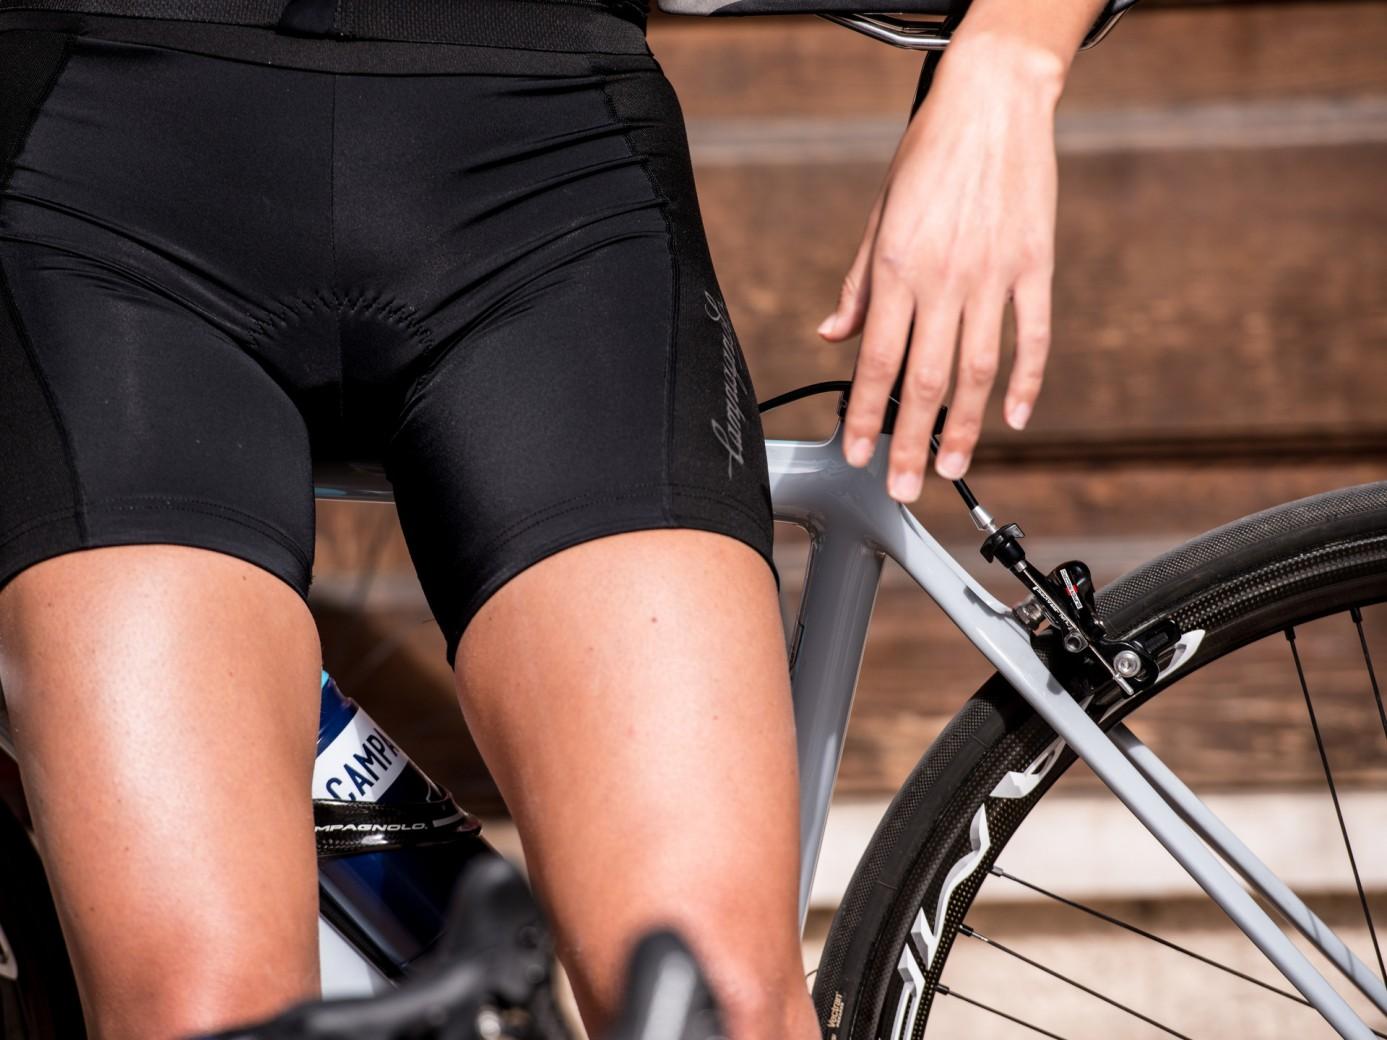 claves-elegir-culotte-bici/